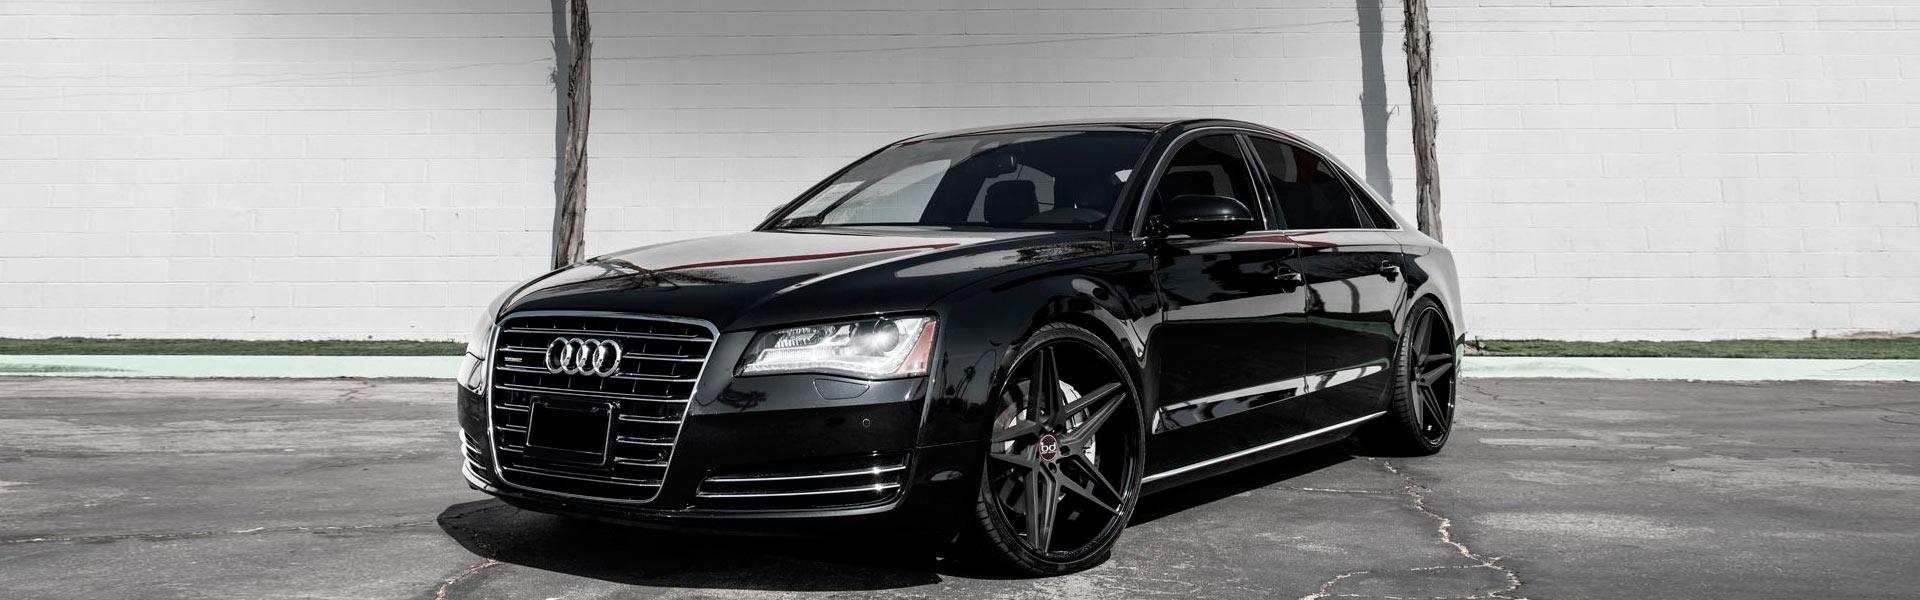 Запчасти на Audi A8